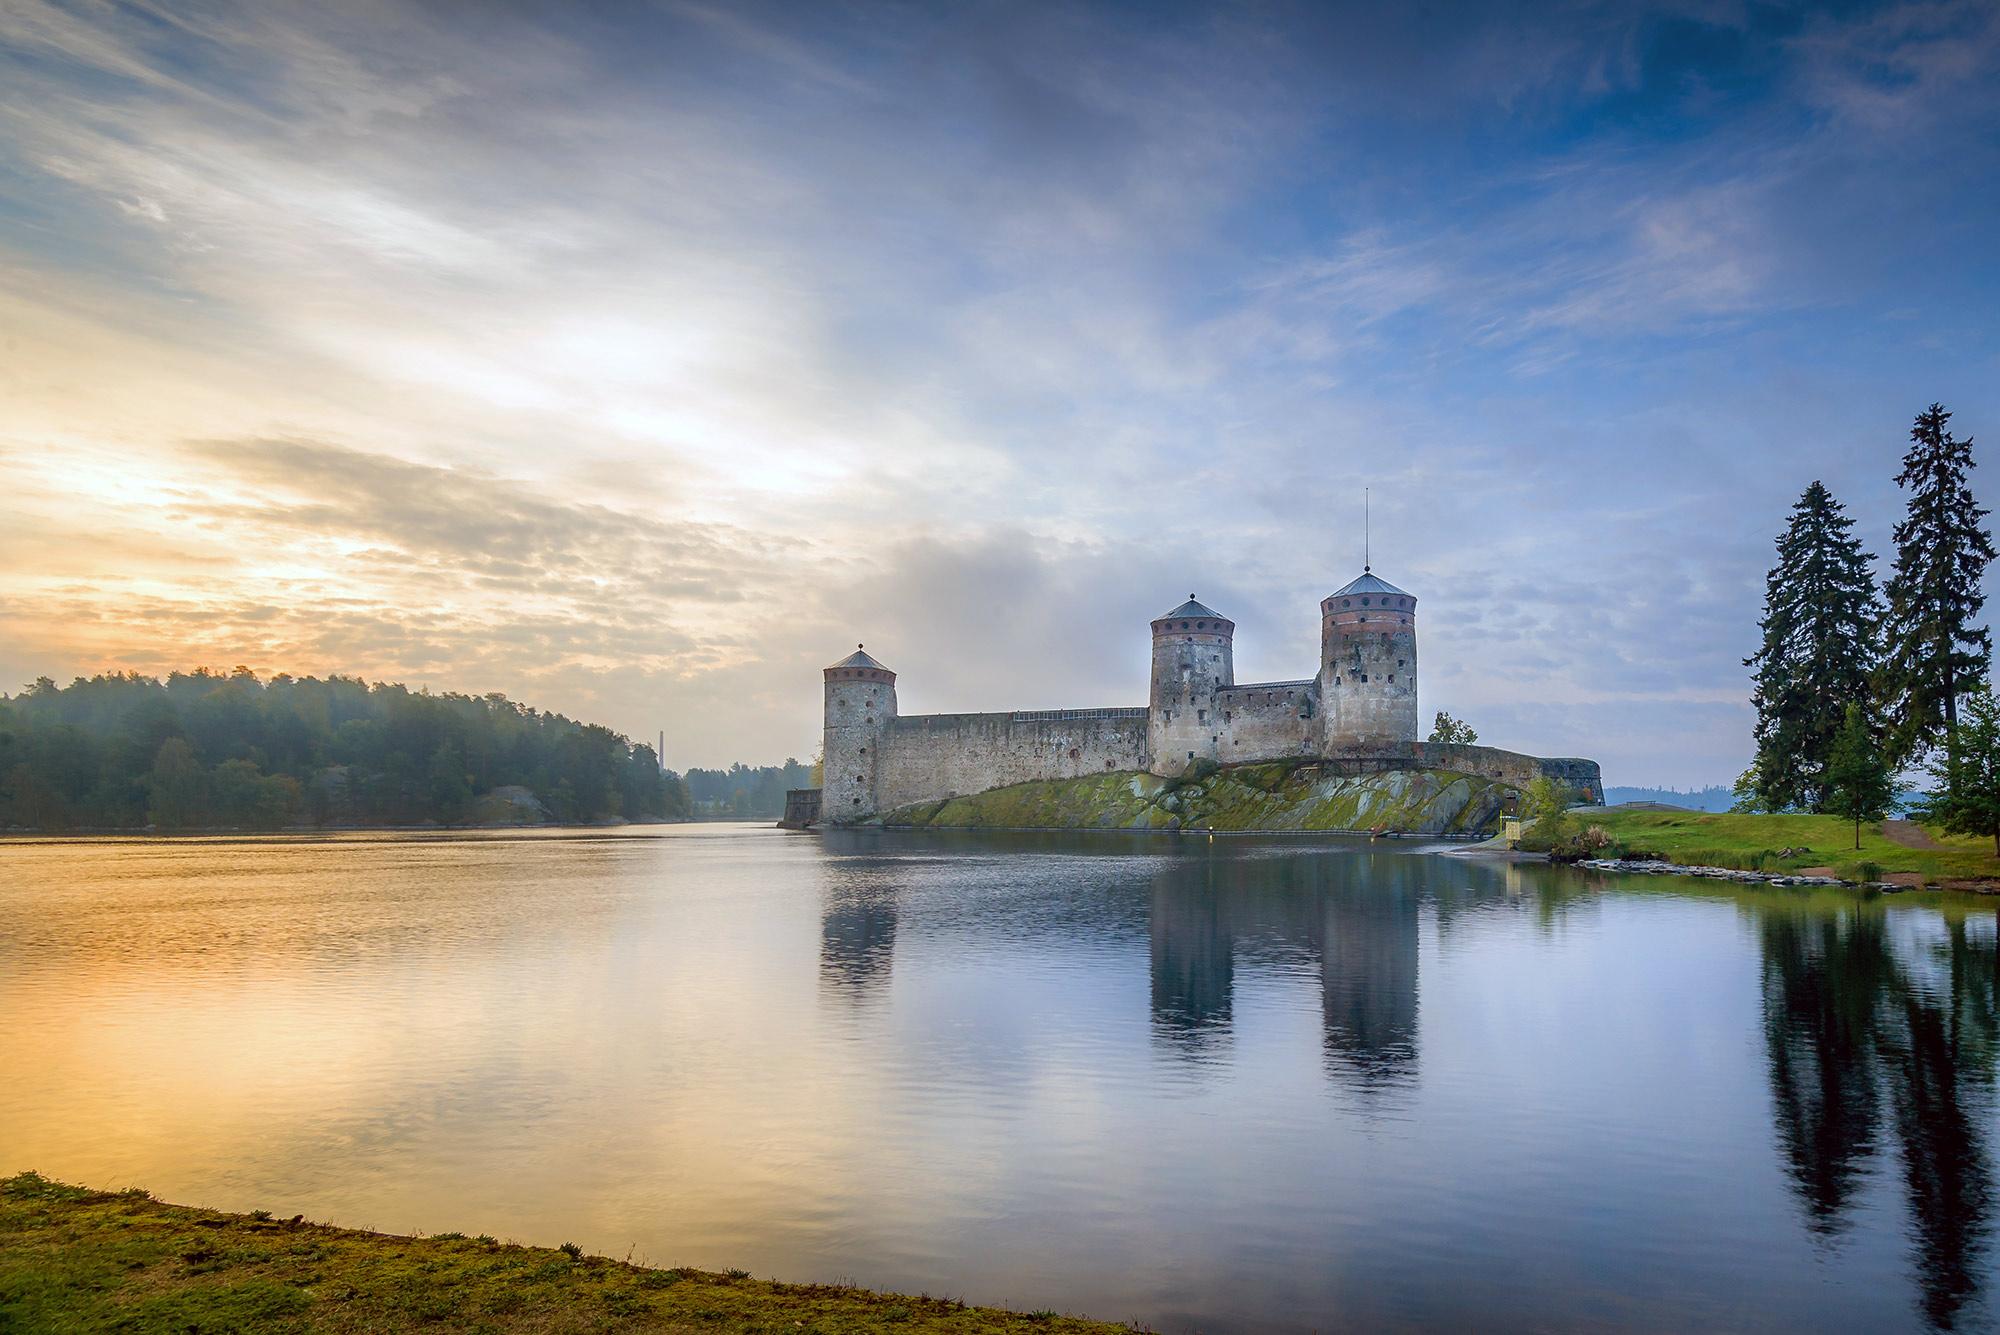 Olavinlinna Castle, home to the Savonlinna Opera Festival.